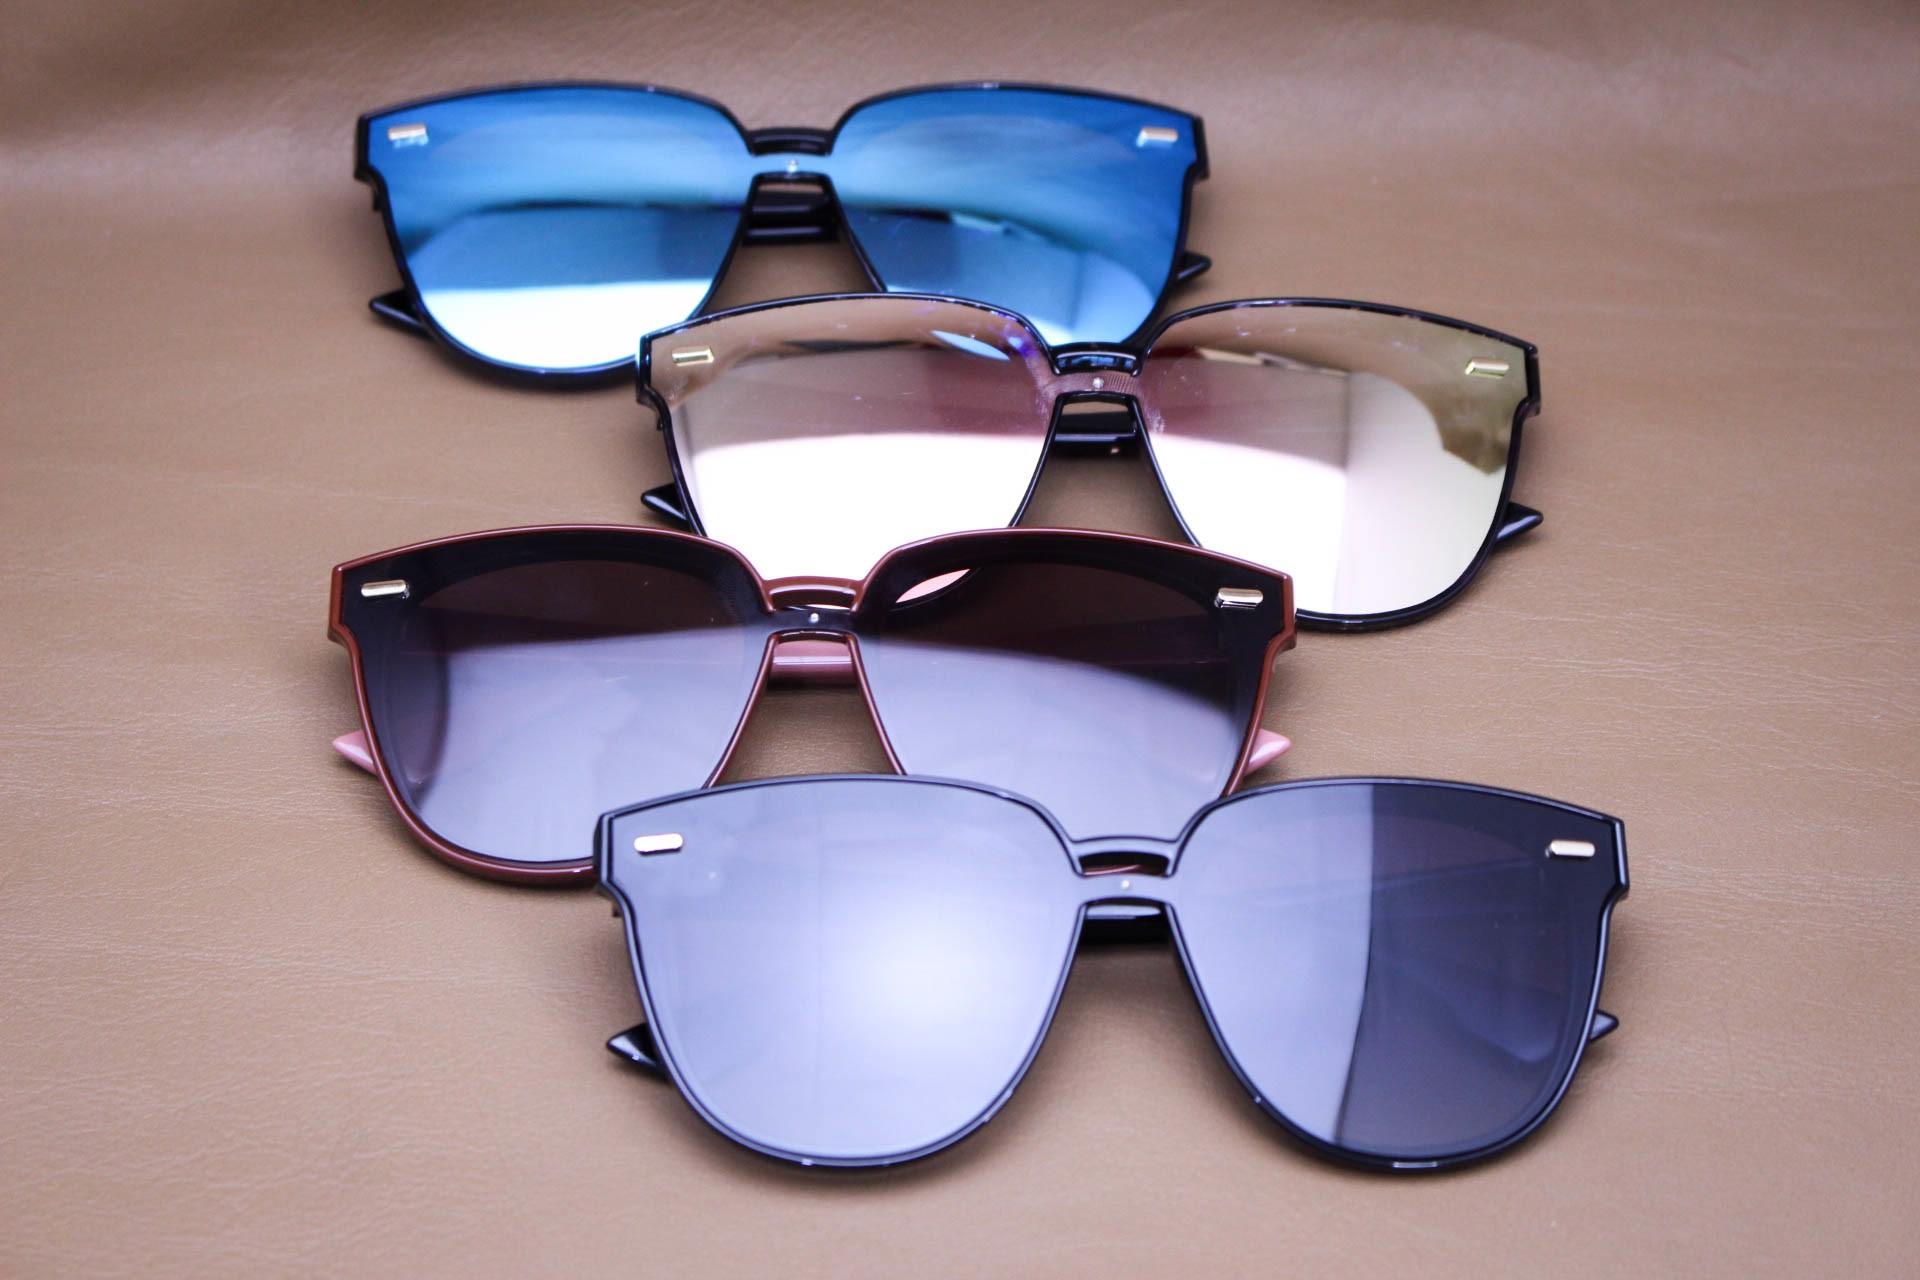 Các loại kính mát nữ hiện nay